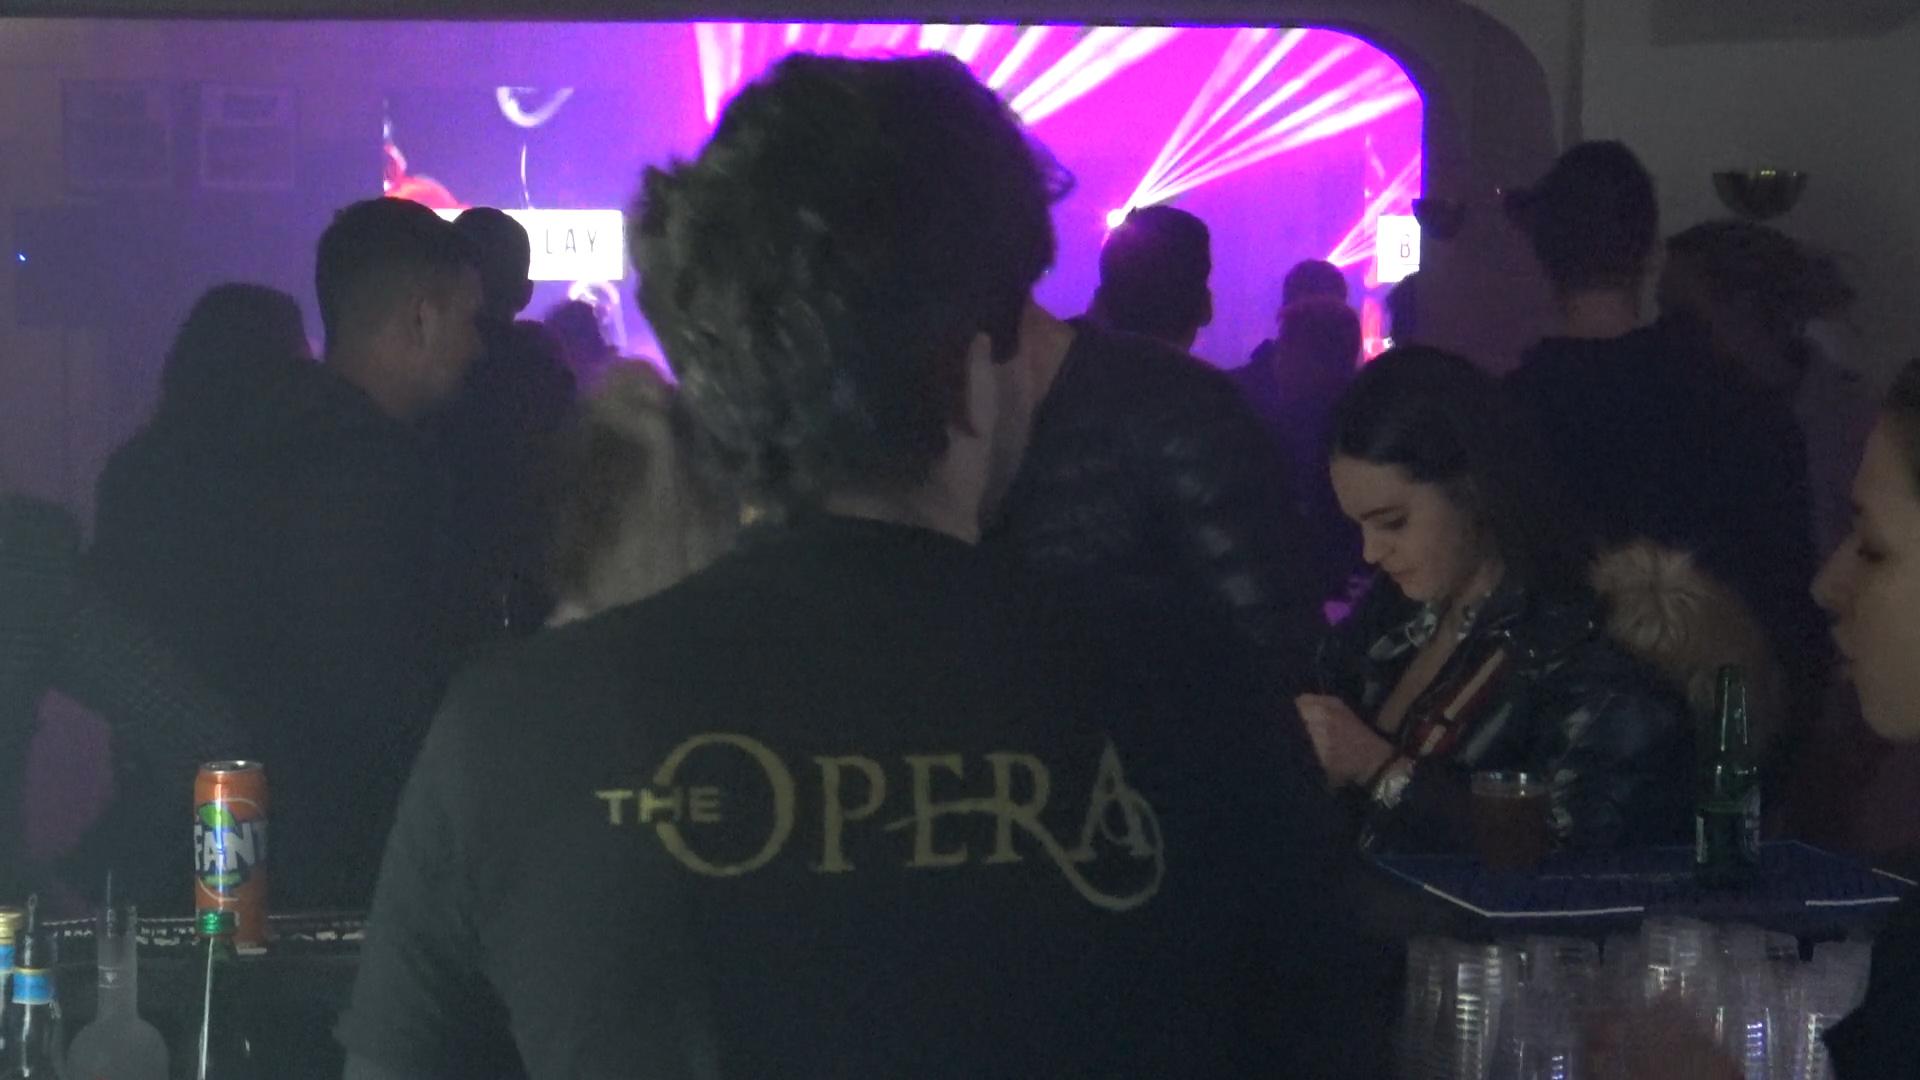 Opera Reopening